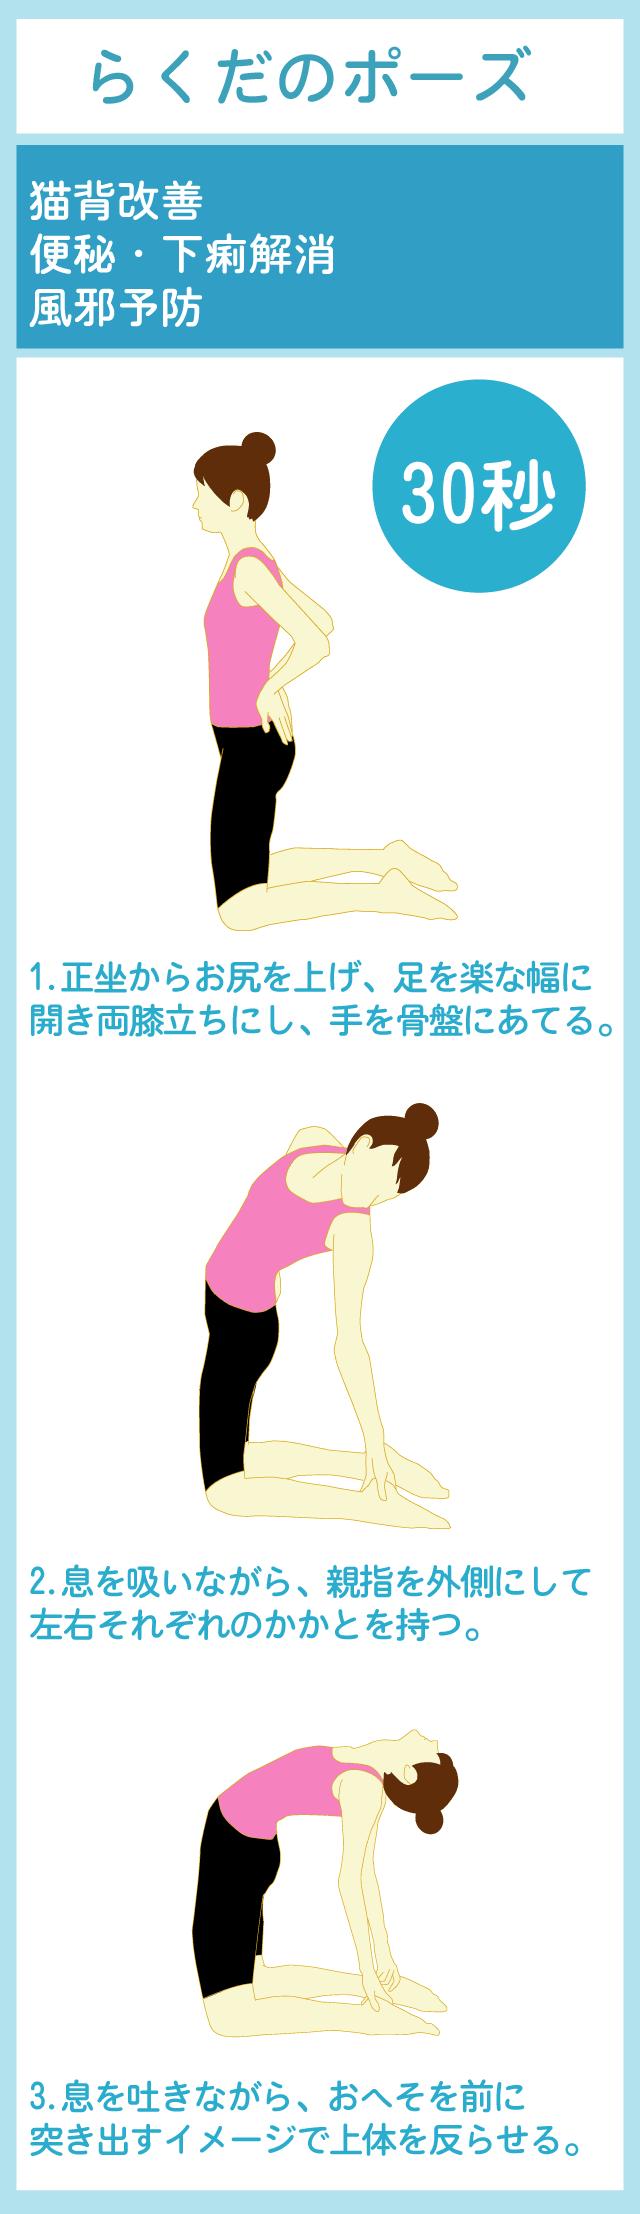 漏斗胸(ロート胸)の改善に役立つヨガ:らくだのポーズ